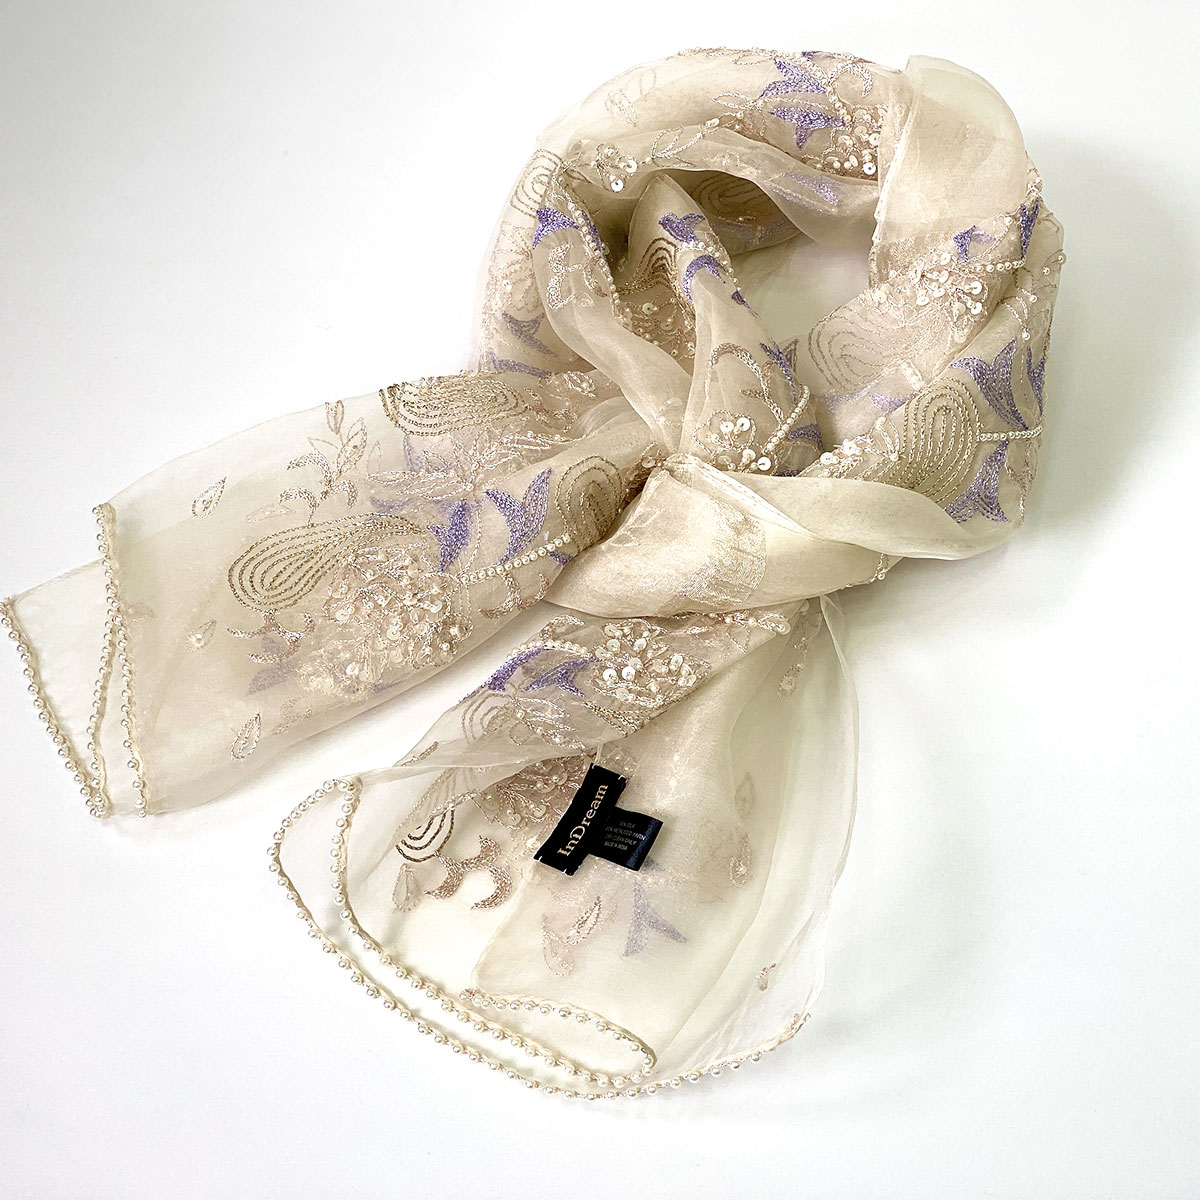 シルクオーガンジーストール スモーキーホワイト×ビジュー刺繍 古希お祝い 結婚式 パーティー クリスマス 誕生日 プレゼント